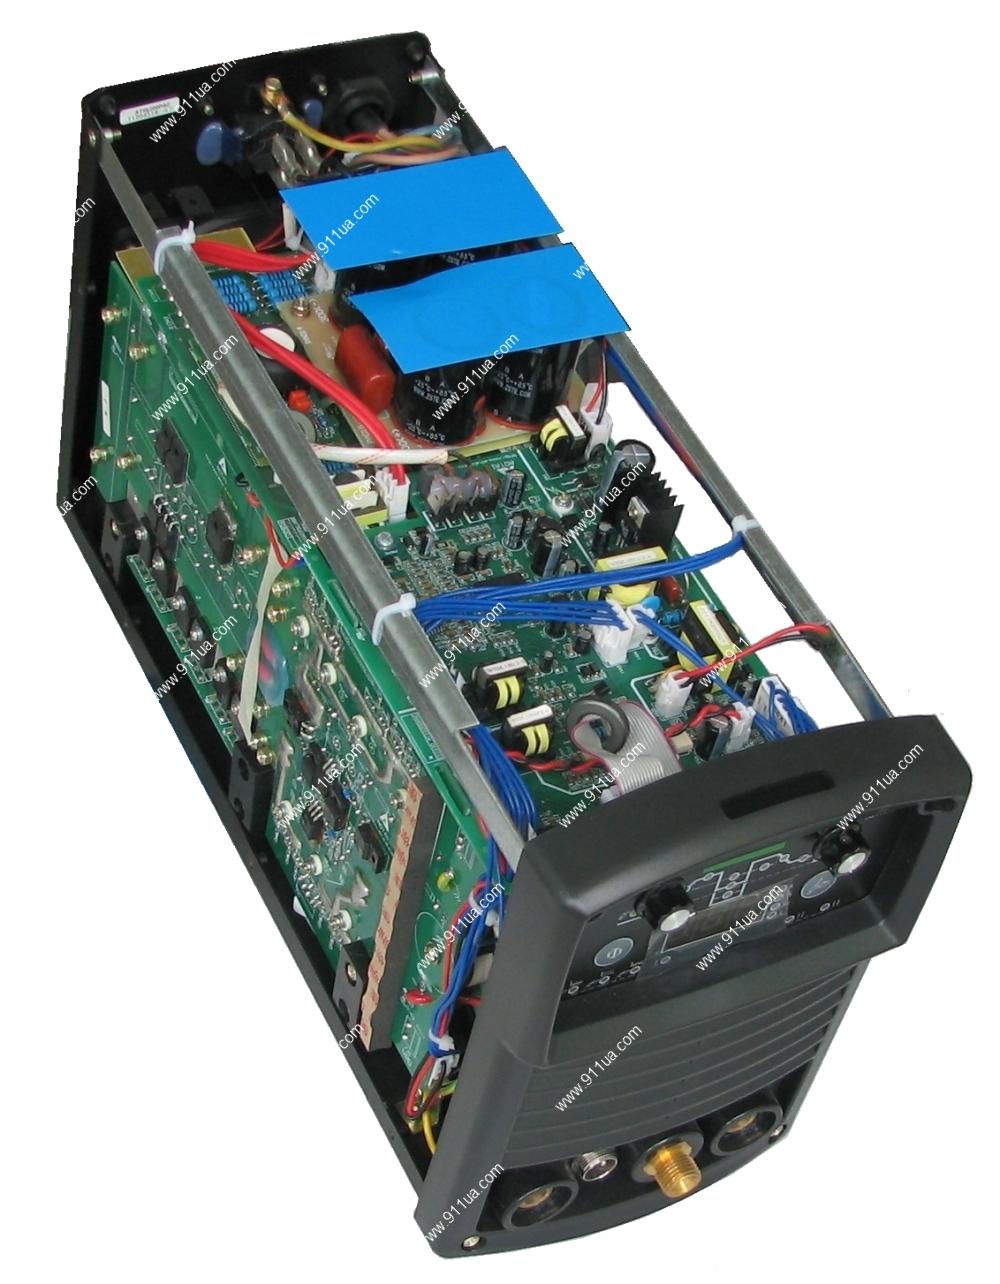 аппарат для аргонодуговой сварки gysmi 180 tig ac dc инструкция